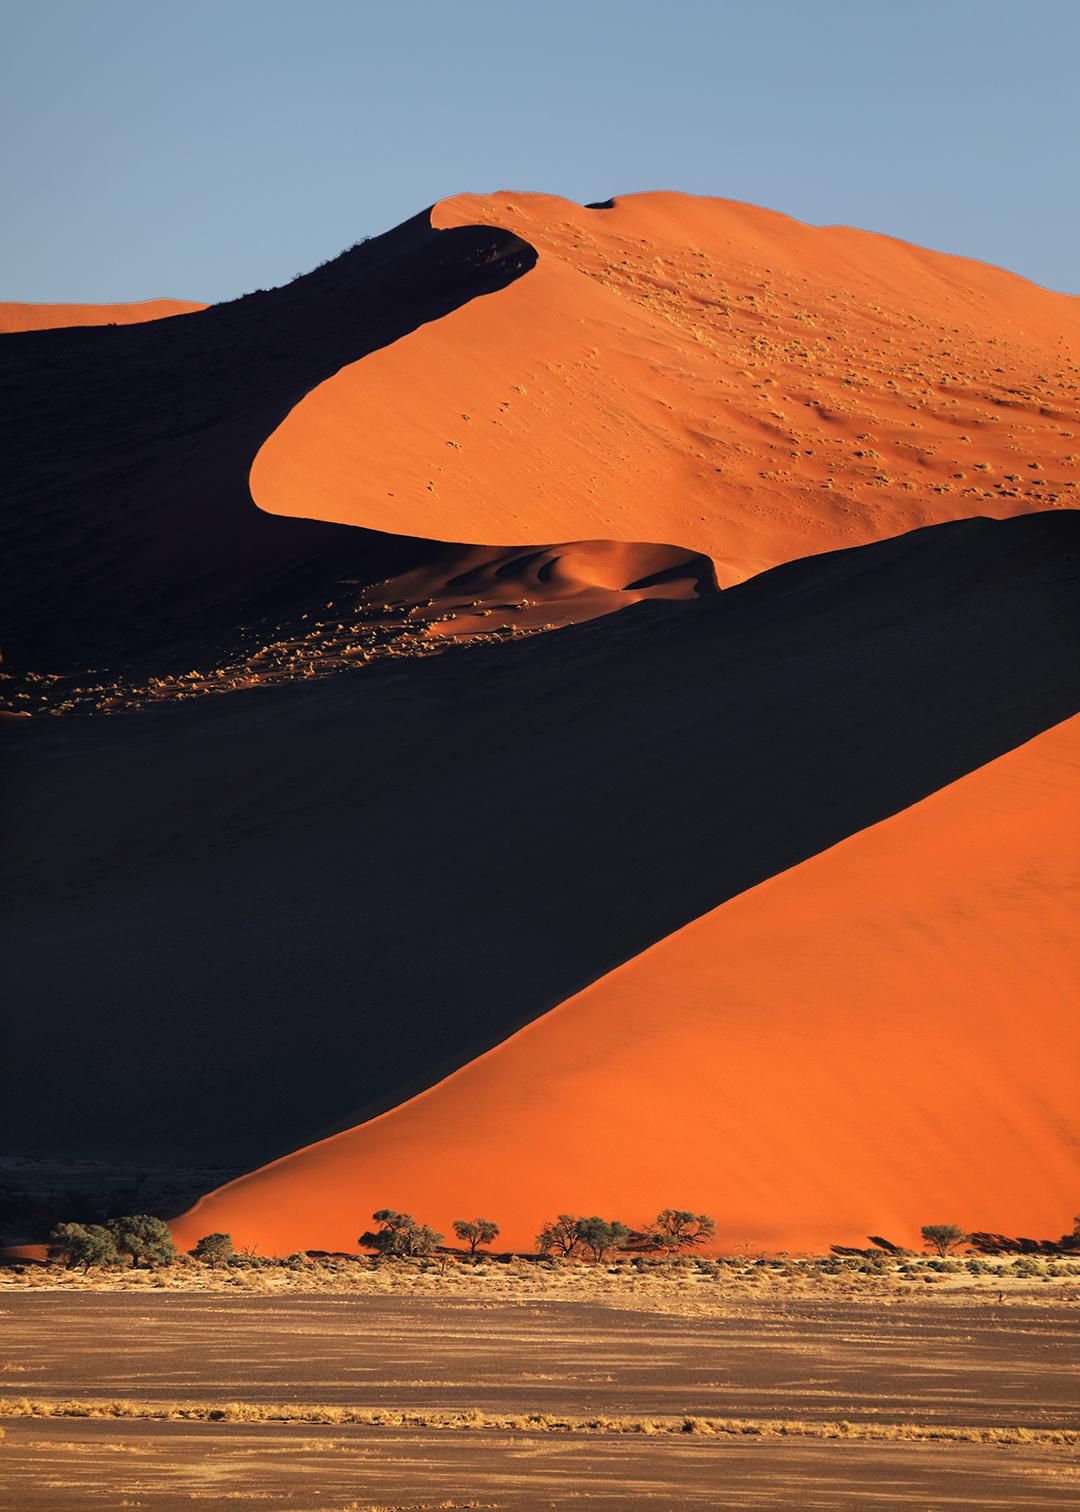 dune - photo #22